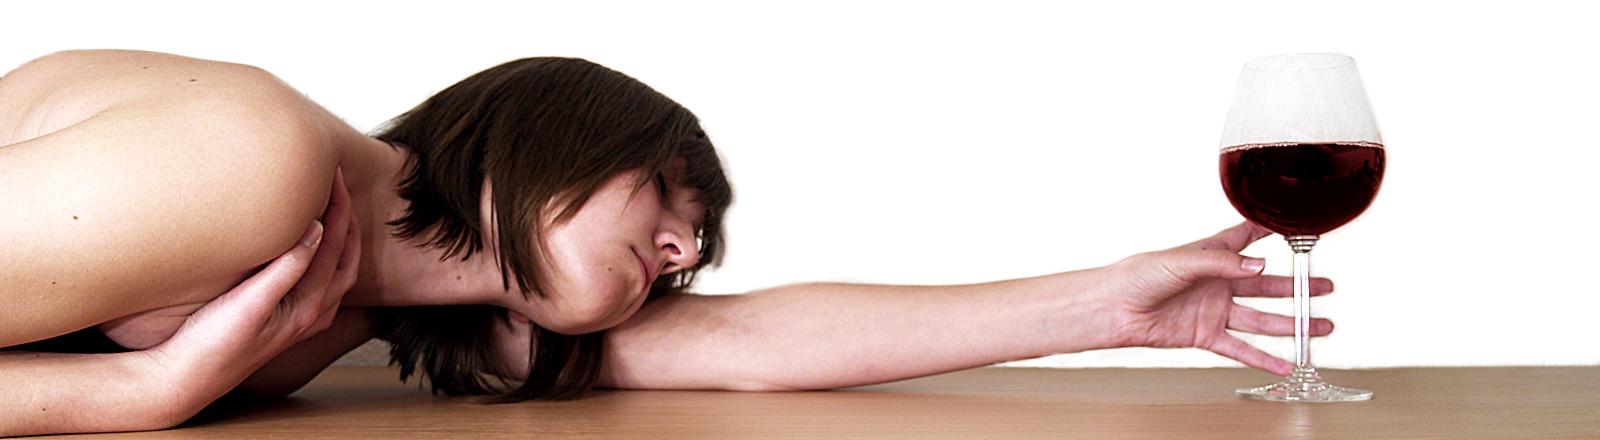 Frau am Boden mit Weinglas